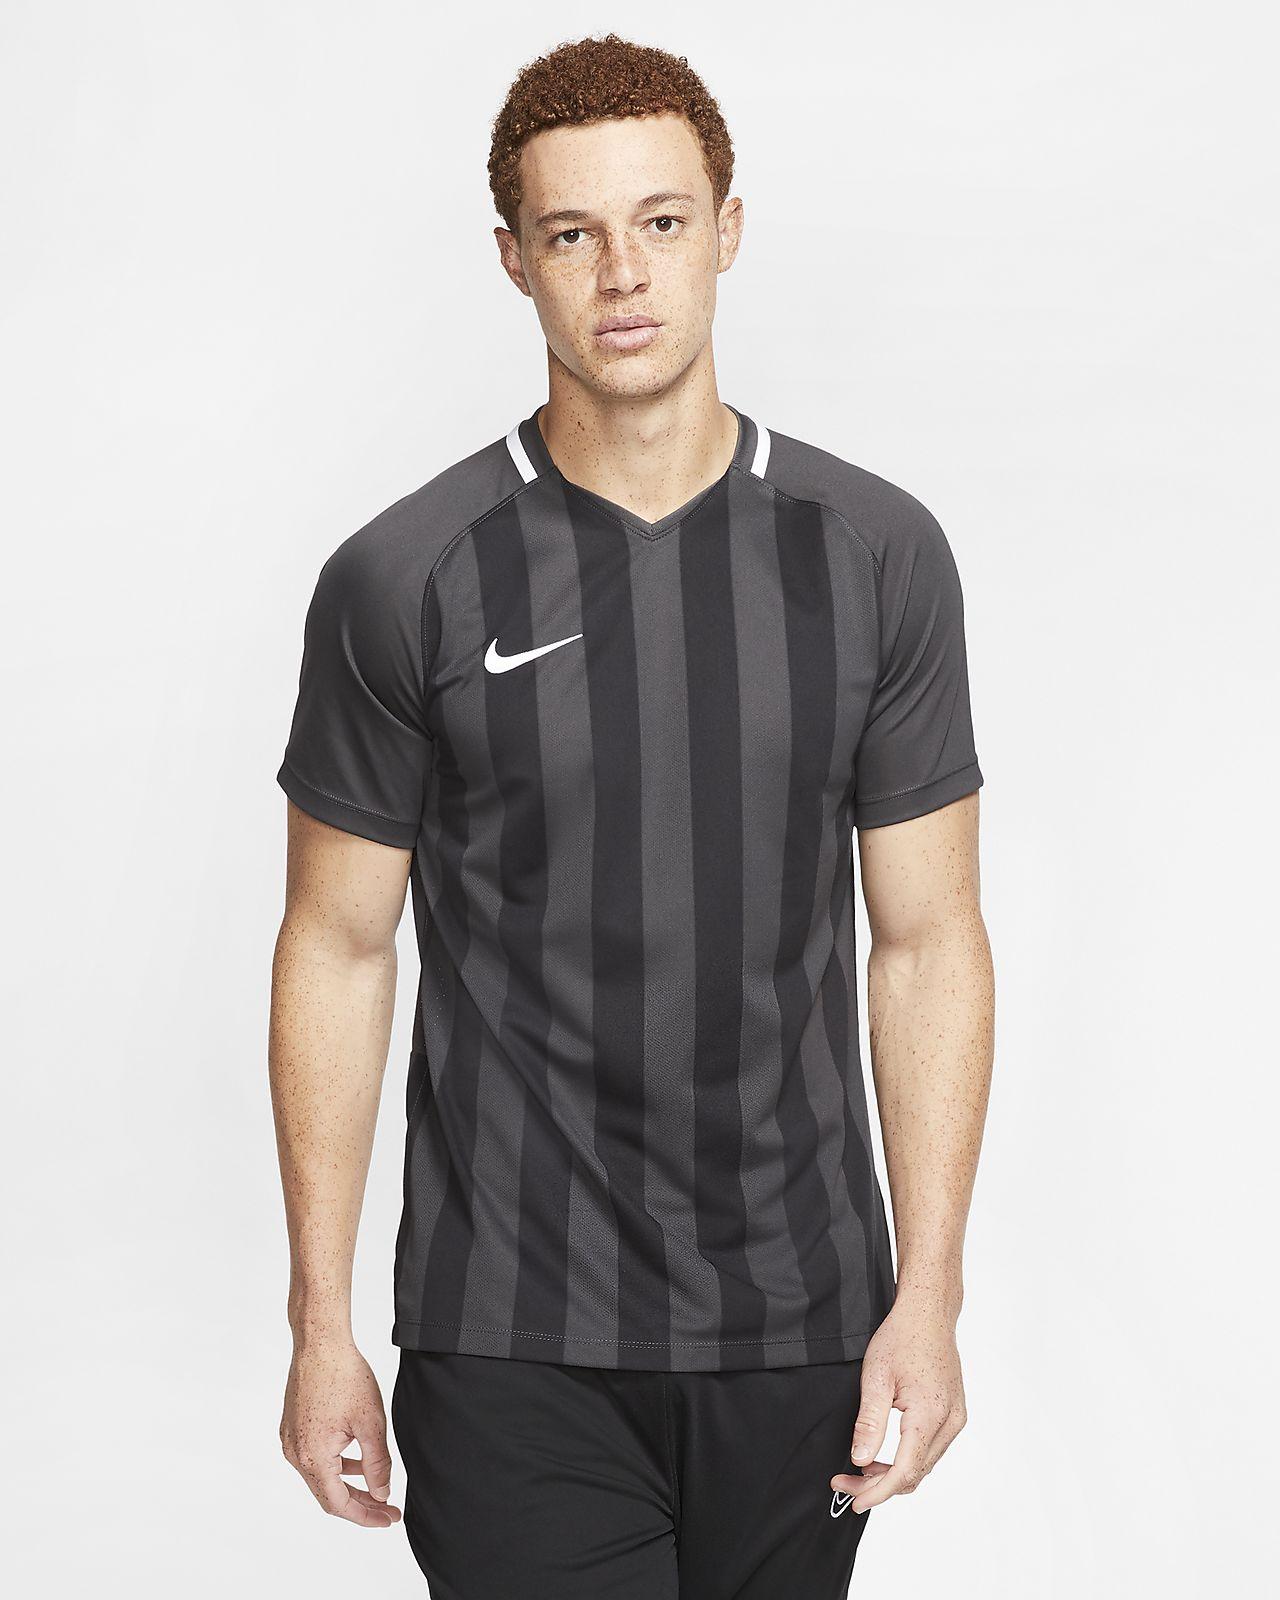 Nike Striped Division 3 Herren-Fußballtrikot